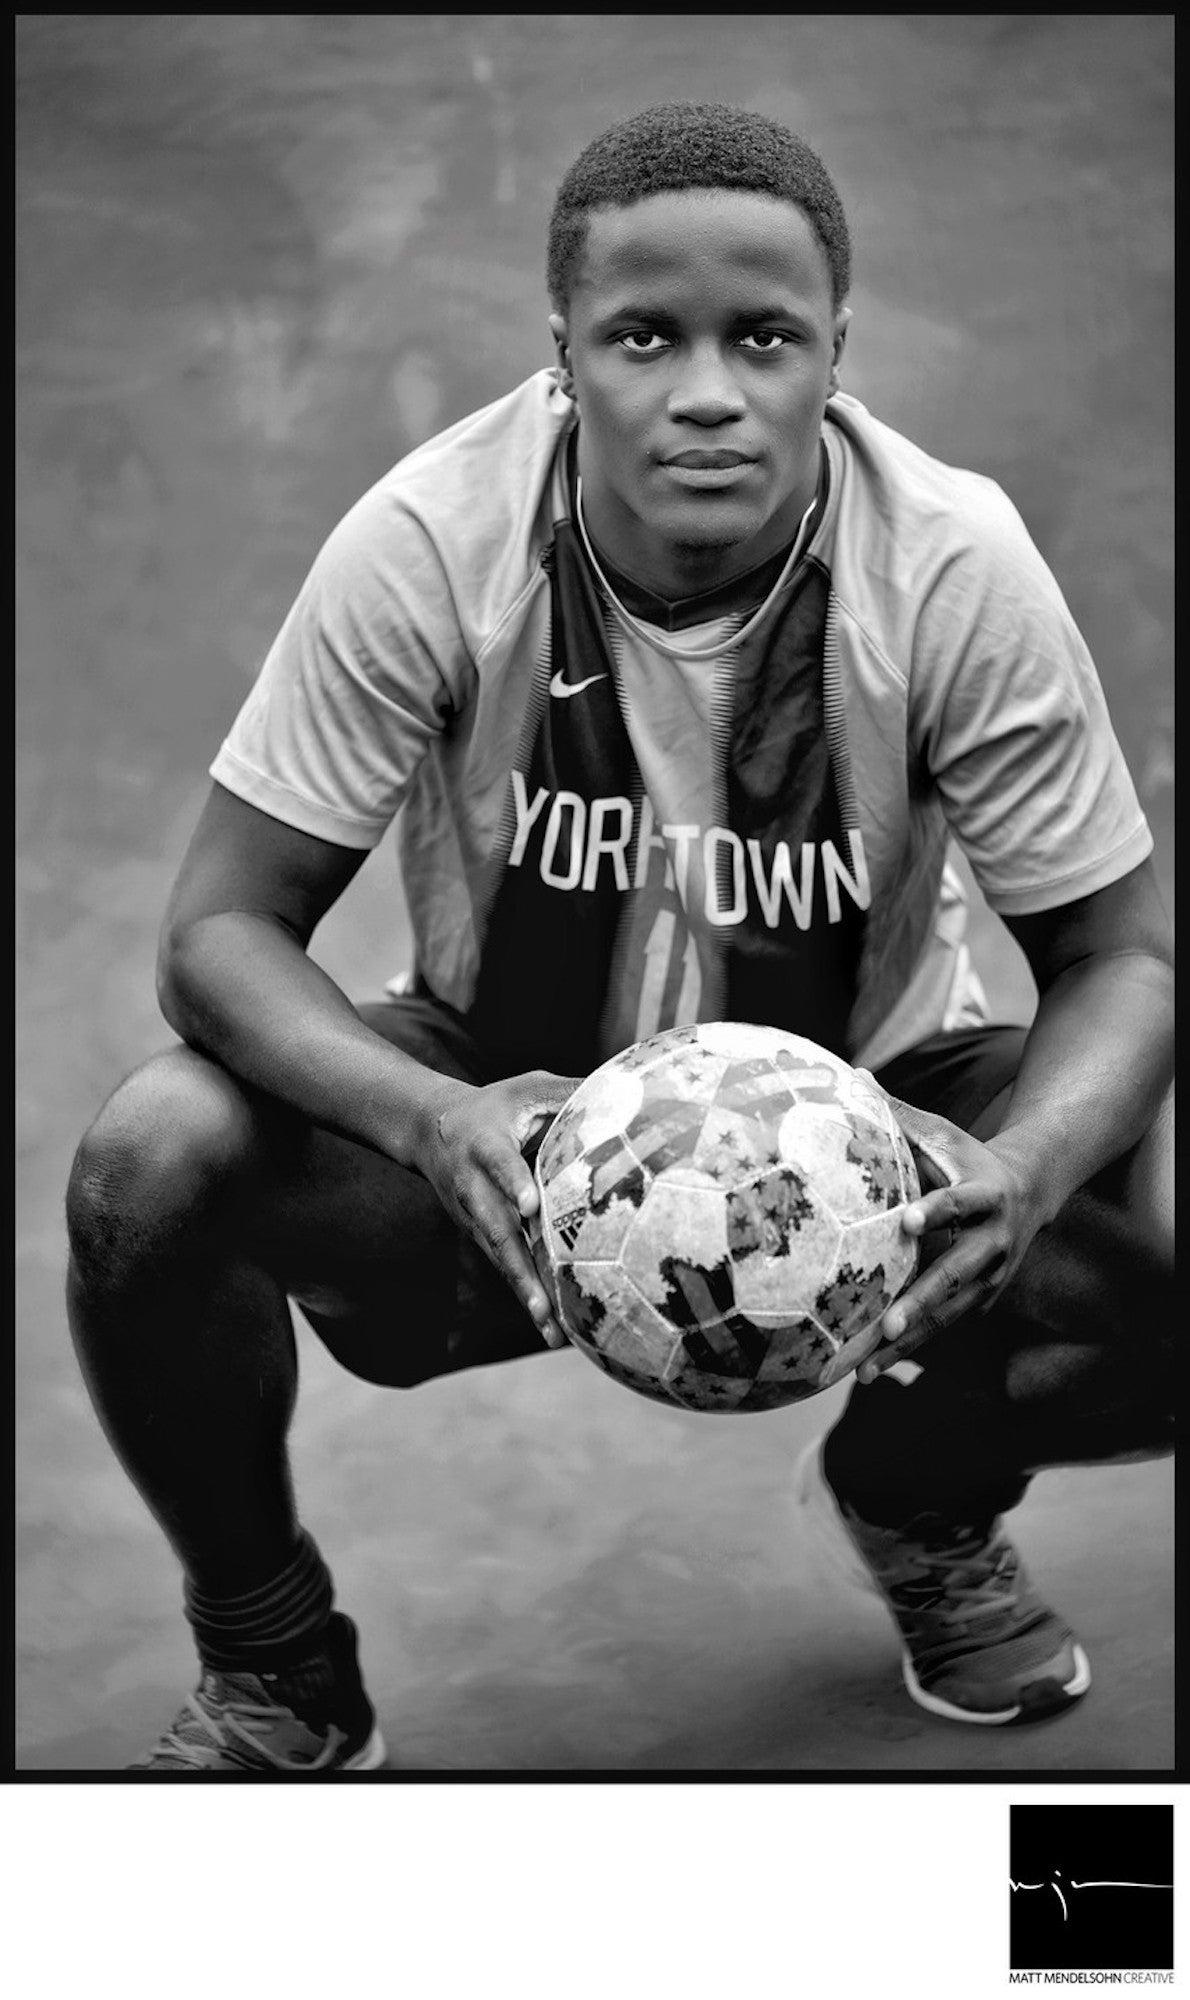 Alpha-Universe-Matt-Mendelsohn-senior-soccer-player-pius-kneeling-holding-soccer-ball.jpeg